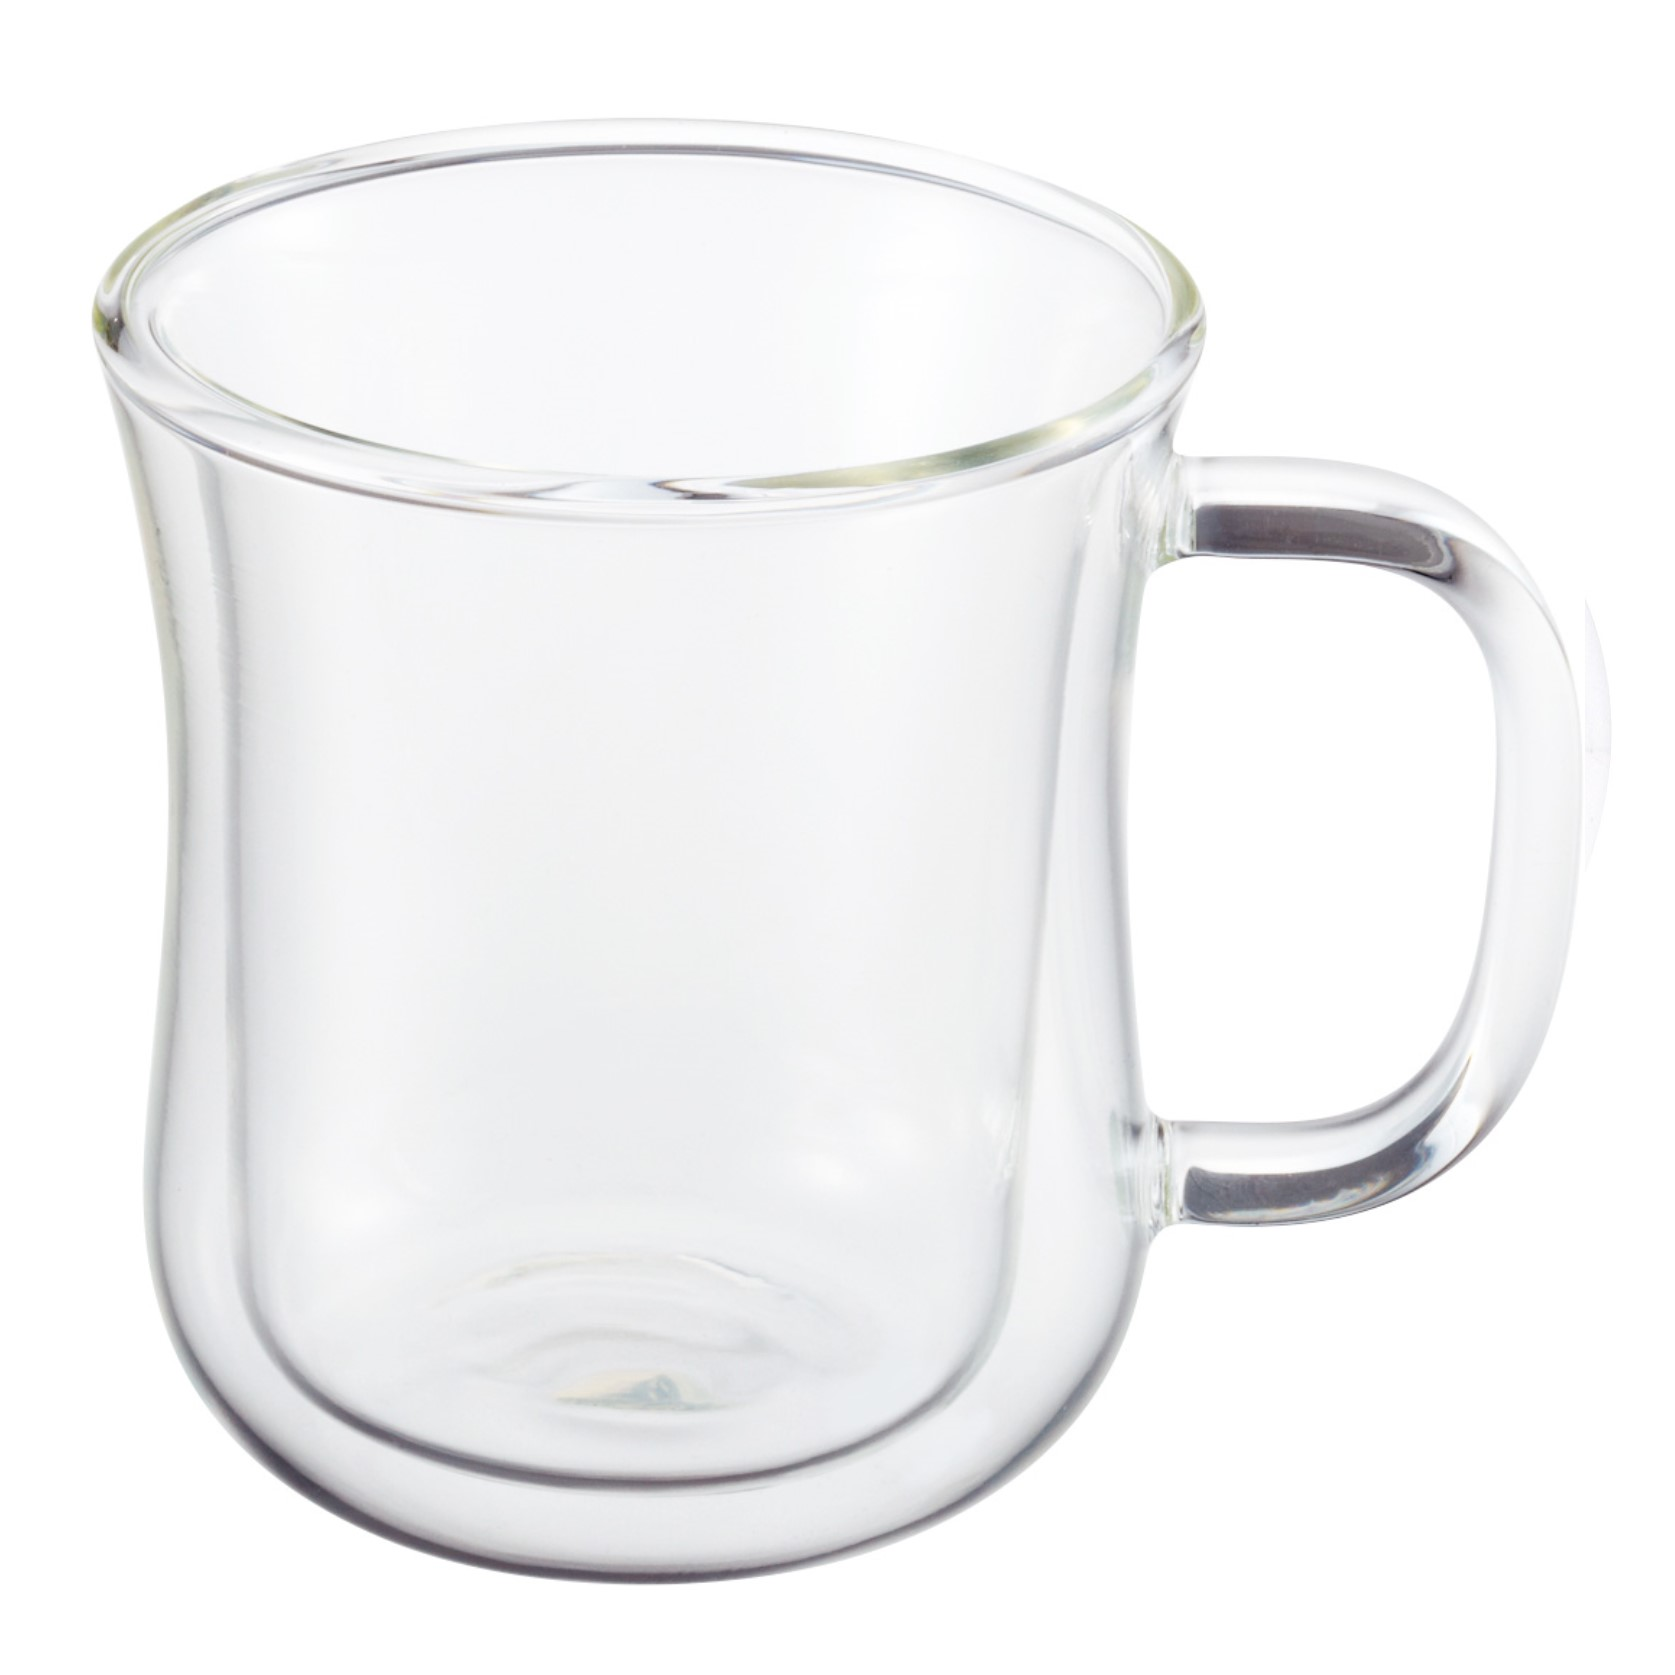 Airマグ(2重構造耐熱ガラス)